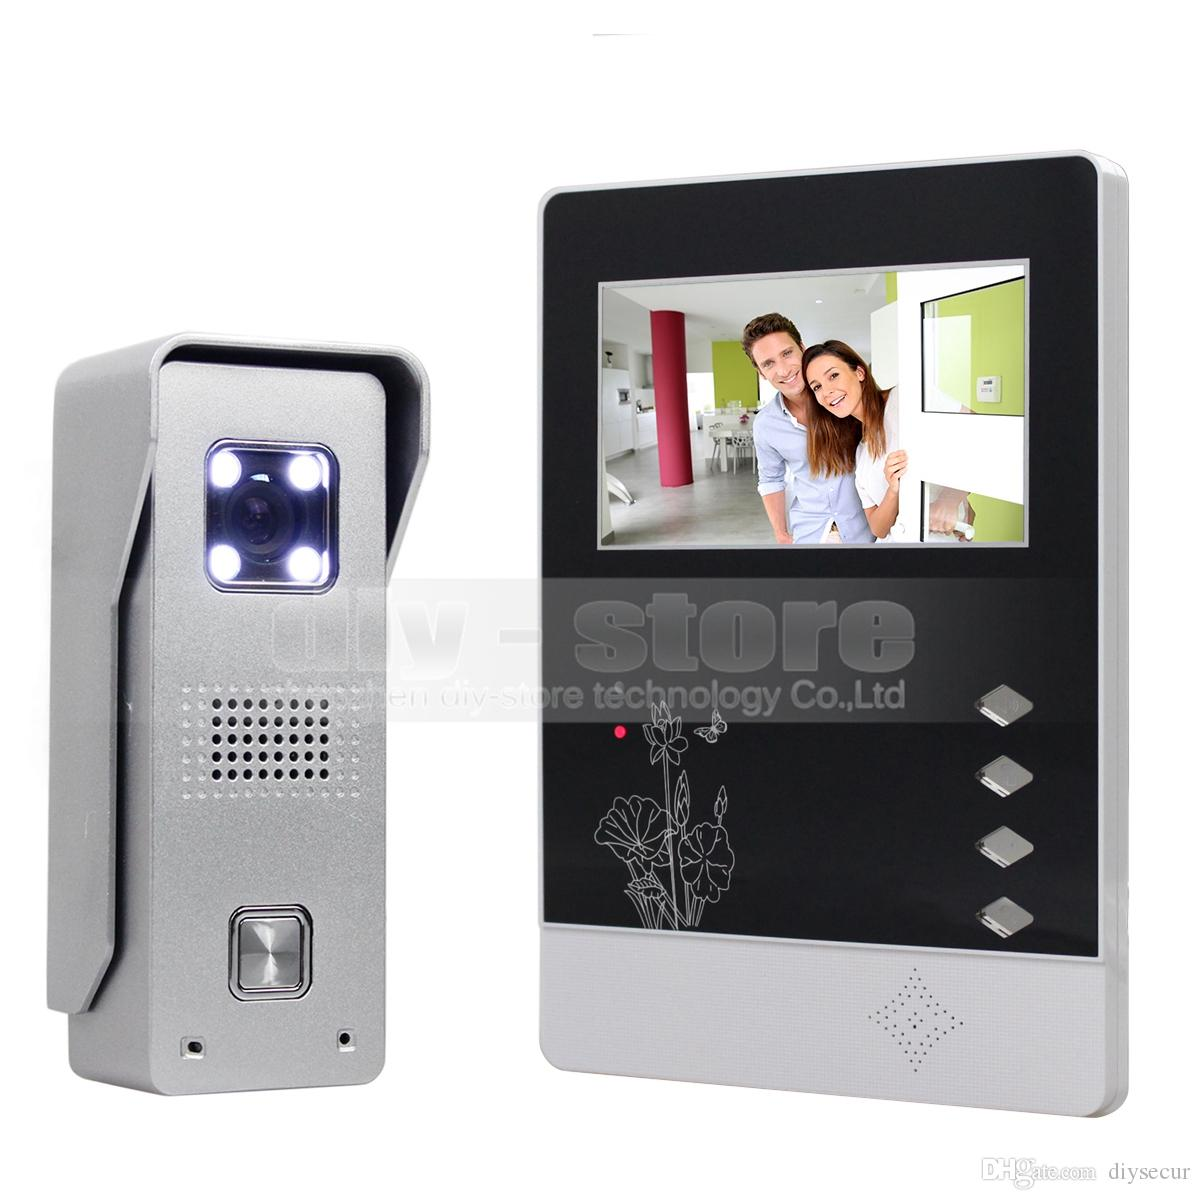 DIYSECUR Video Citofono Citofono da 4.3 pollici TFT Display LCD a colori in lega di alluminio CCD campanello LED a colori visione notturna